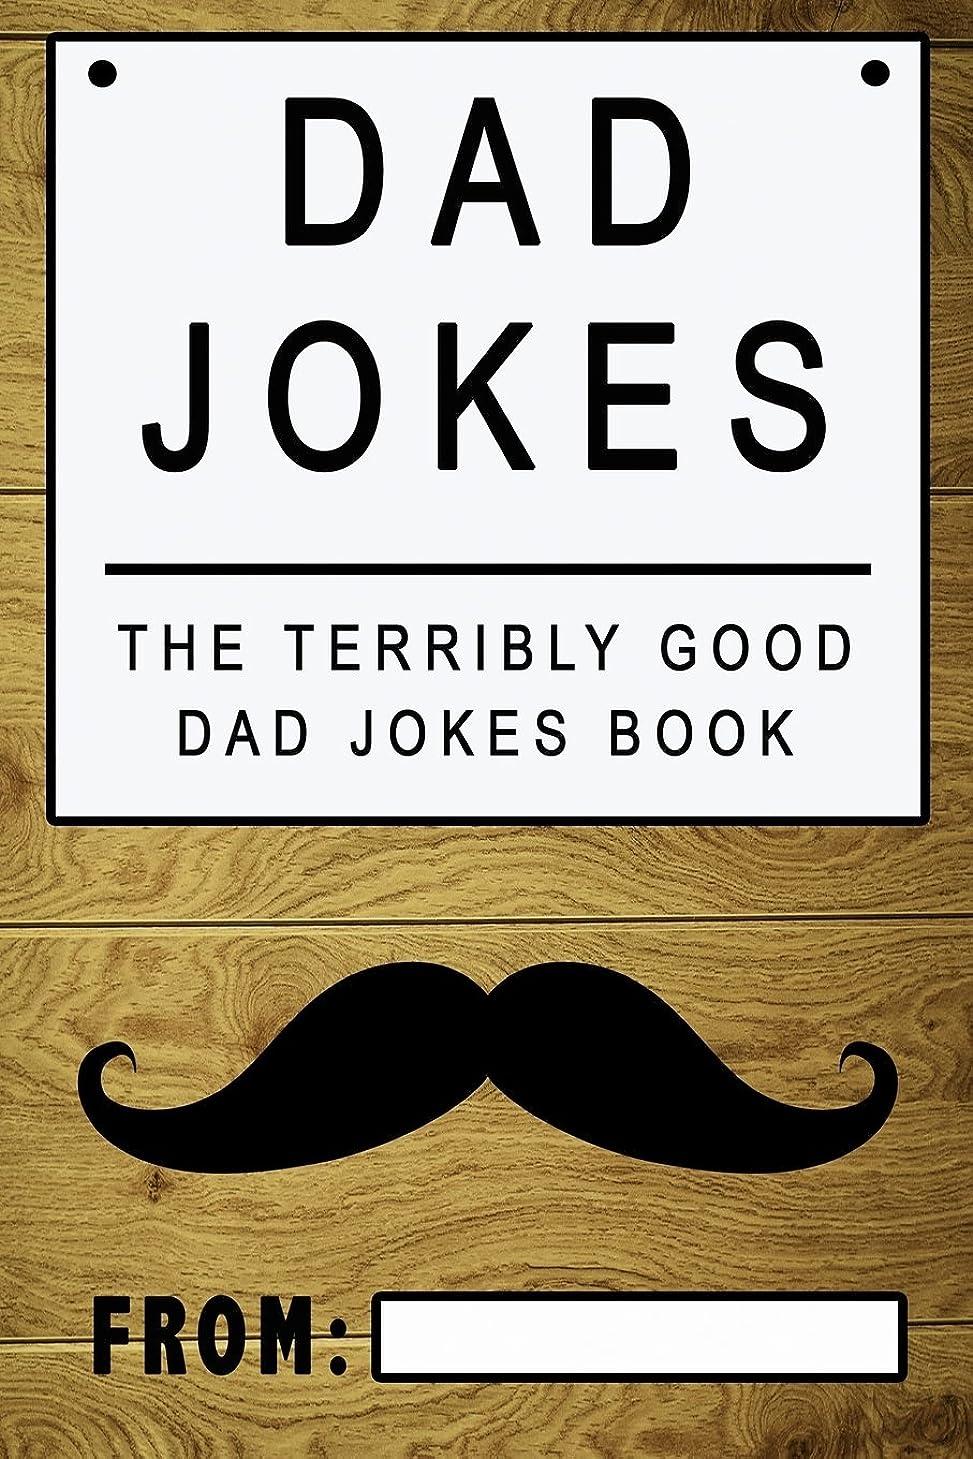 代わりの入射クラッシュDad Jokes: The Terribly Good Dad jokes book  Father's Day gift, Dads Birthday Gift, Christmas Gift For Dads